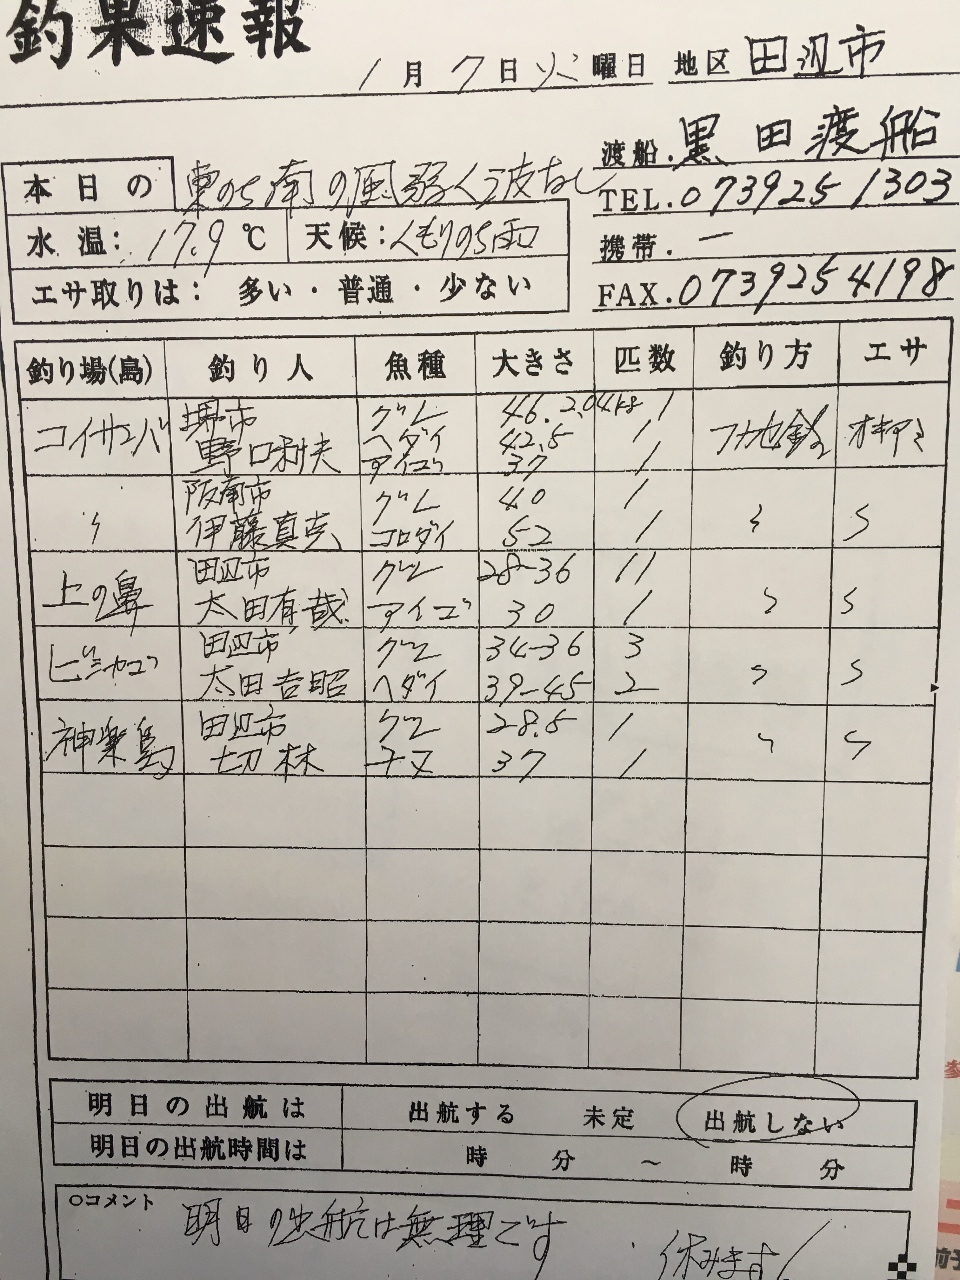 1/7 田辺 黒田渡船さん釣果